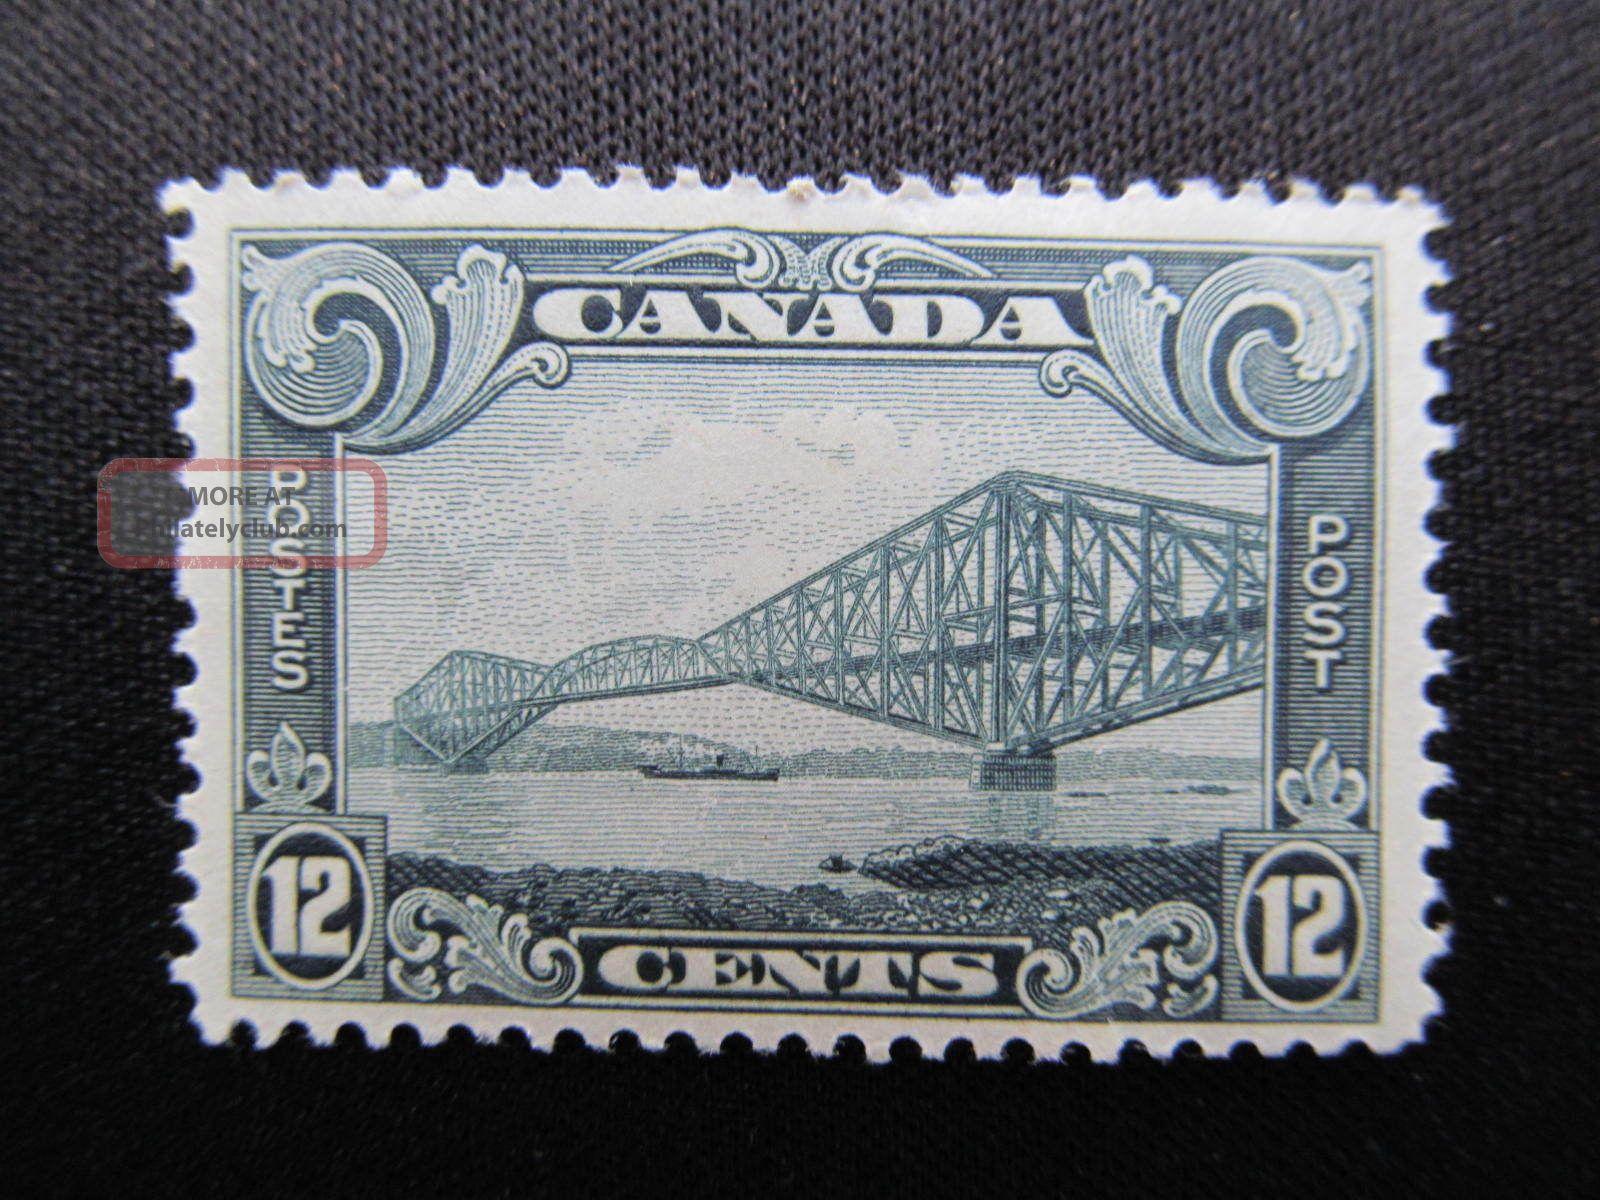 1929 Canada 12 Cent Stamp Featuring Quebec Bridge,  156; Cv $65.  00 Canada photo